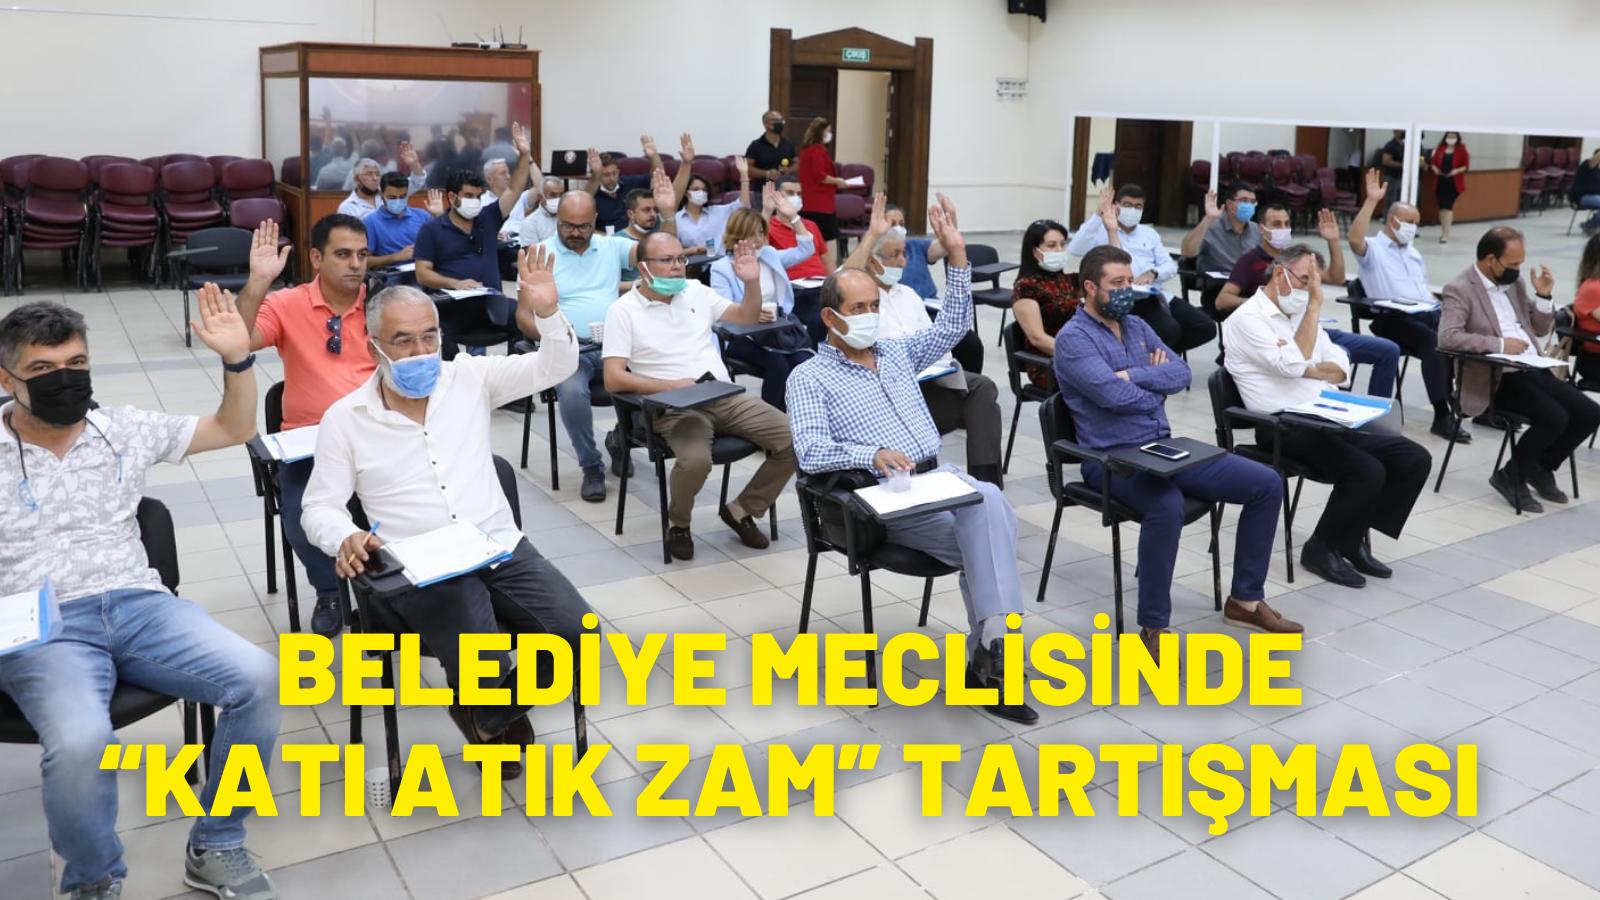 """BELEDİYE MECLİSİNDE """"KATI ATIK ZAM"""" TARTIŞMASI"""